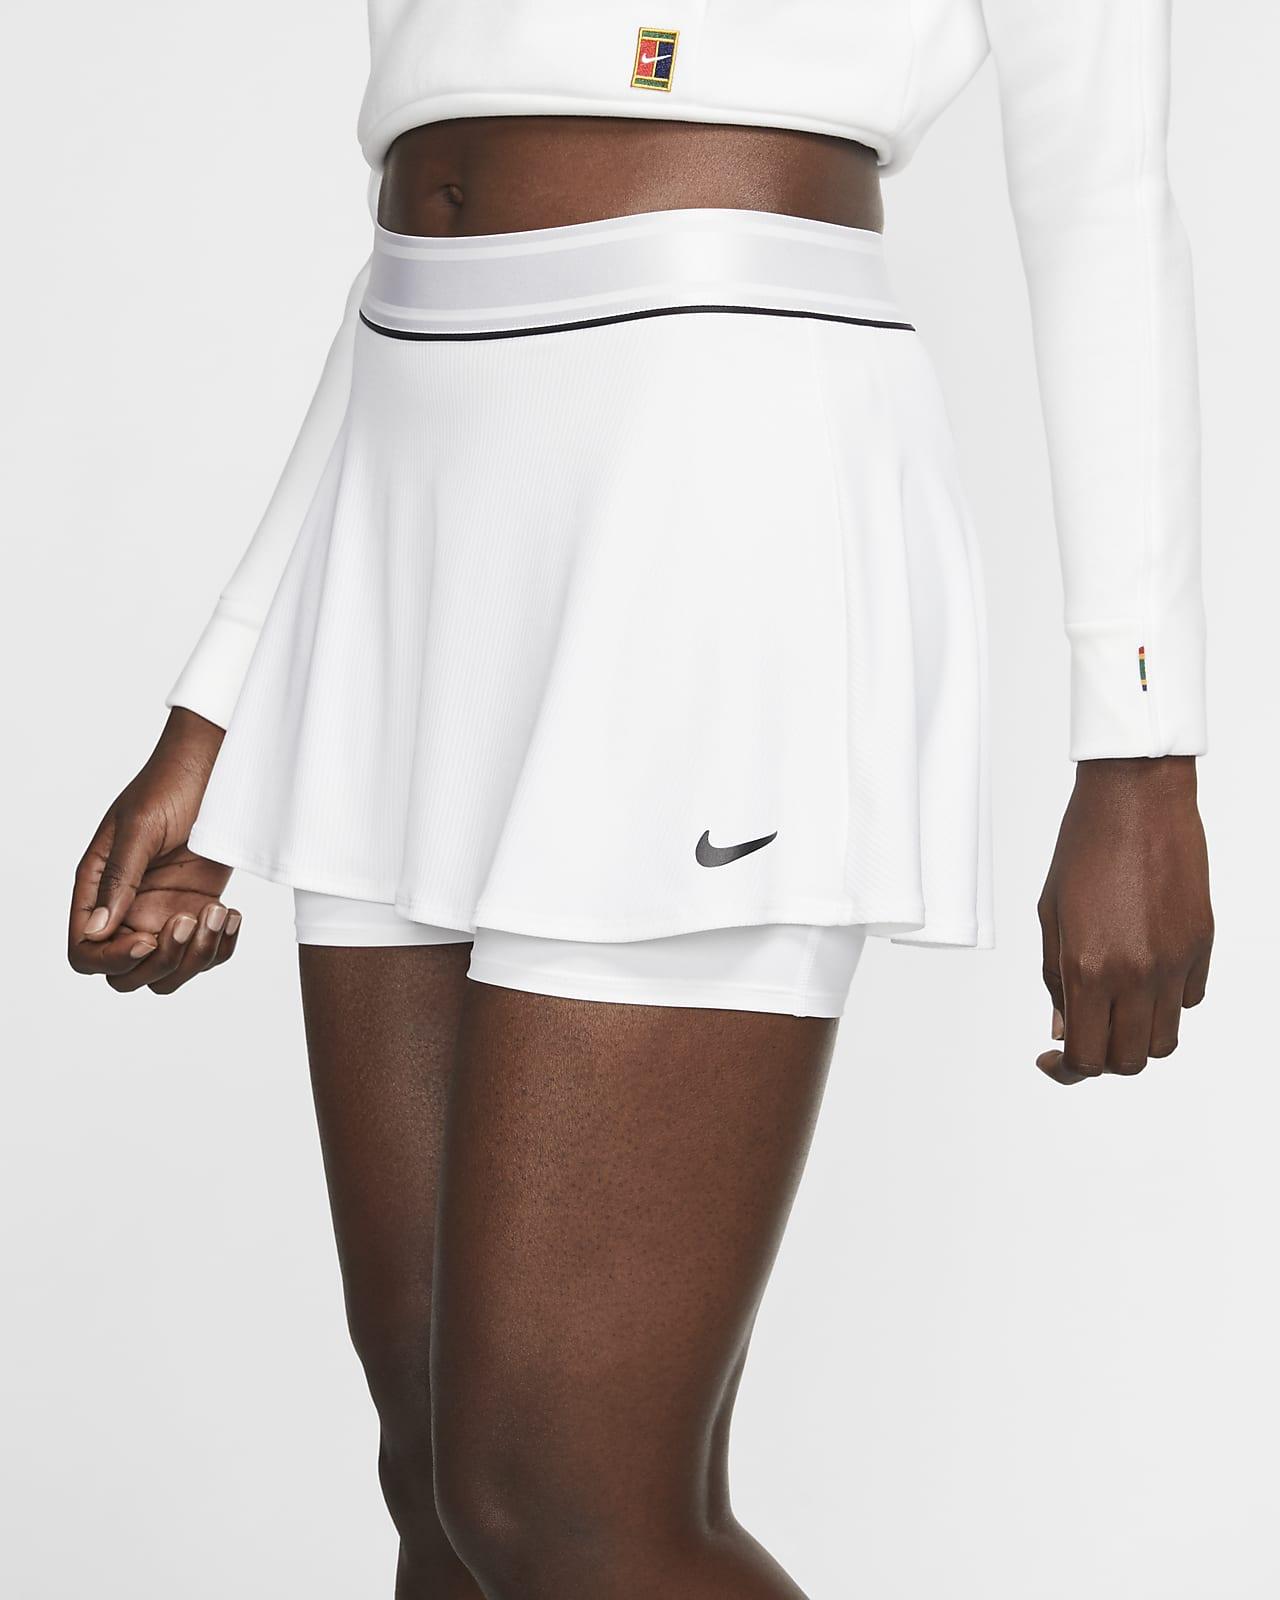 Damska spódniczka tenisowa NikeCourt Dri-FIT